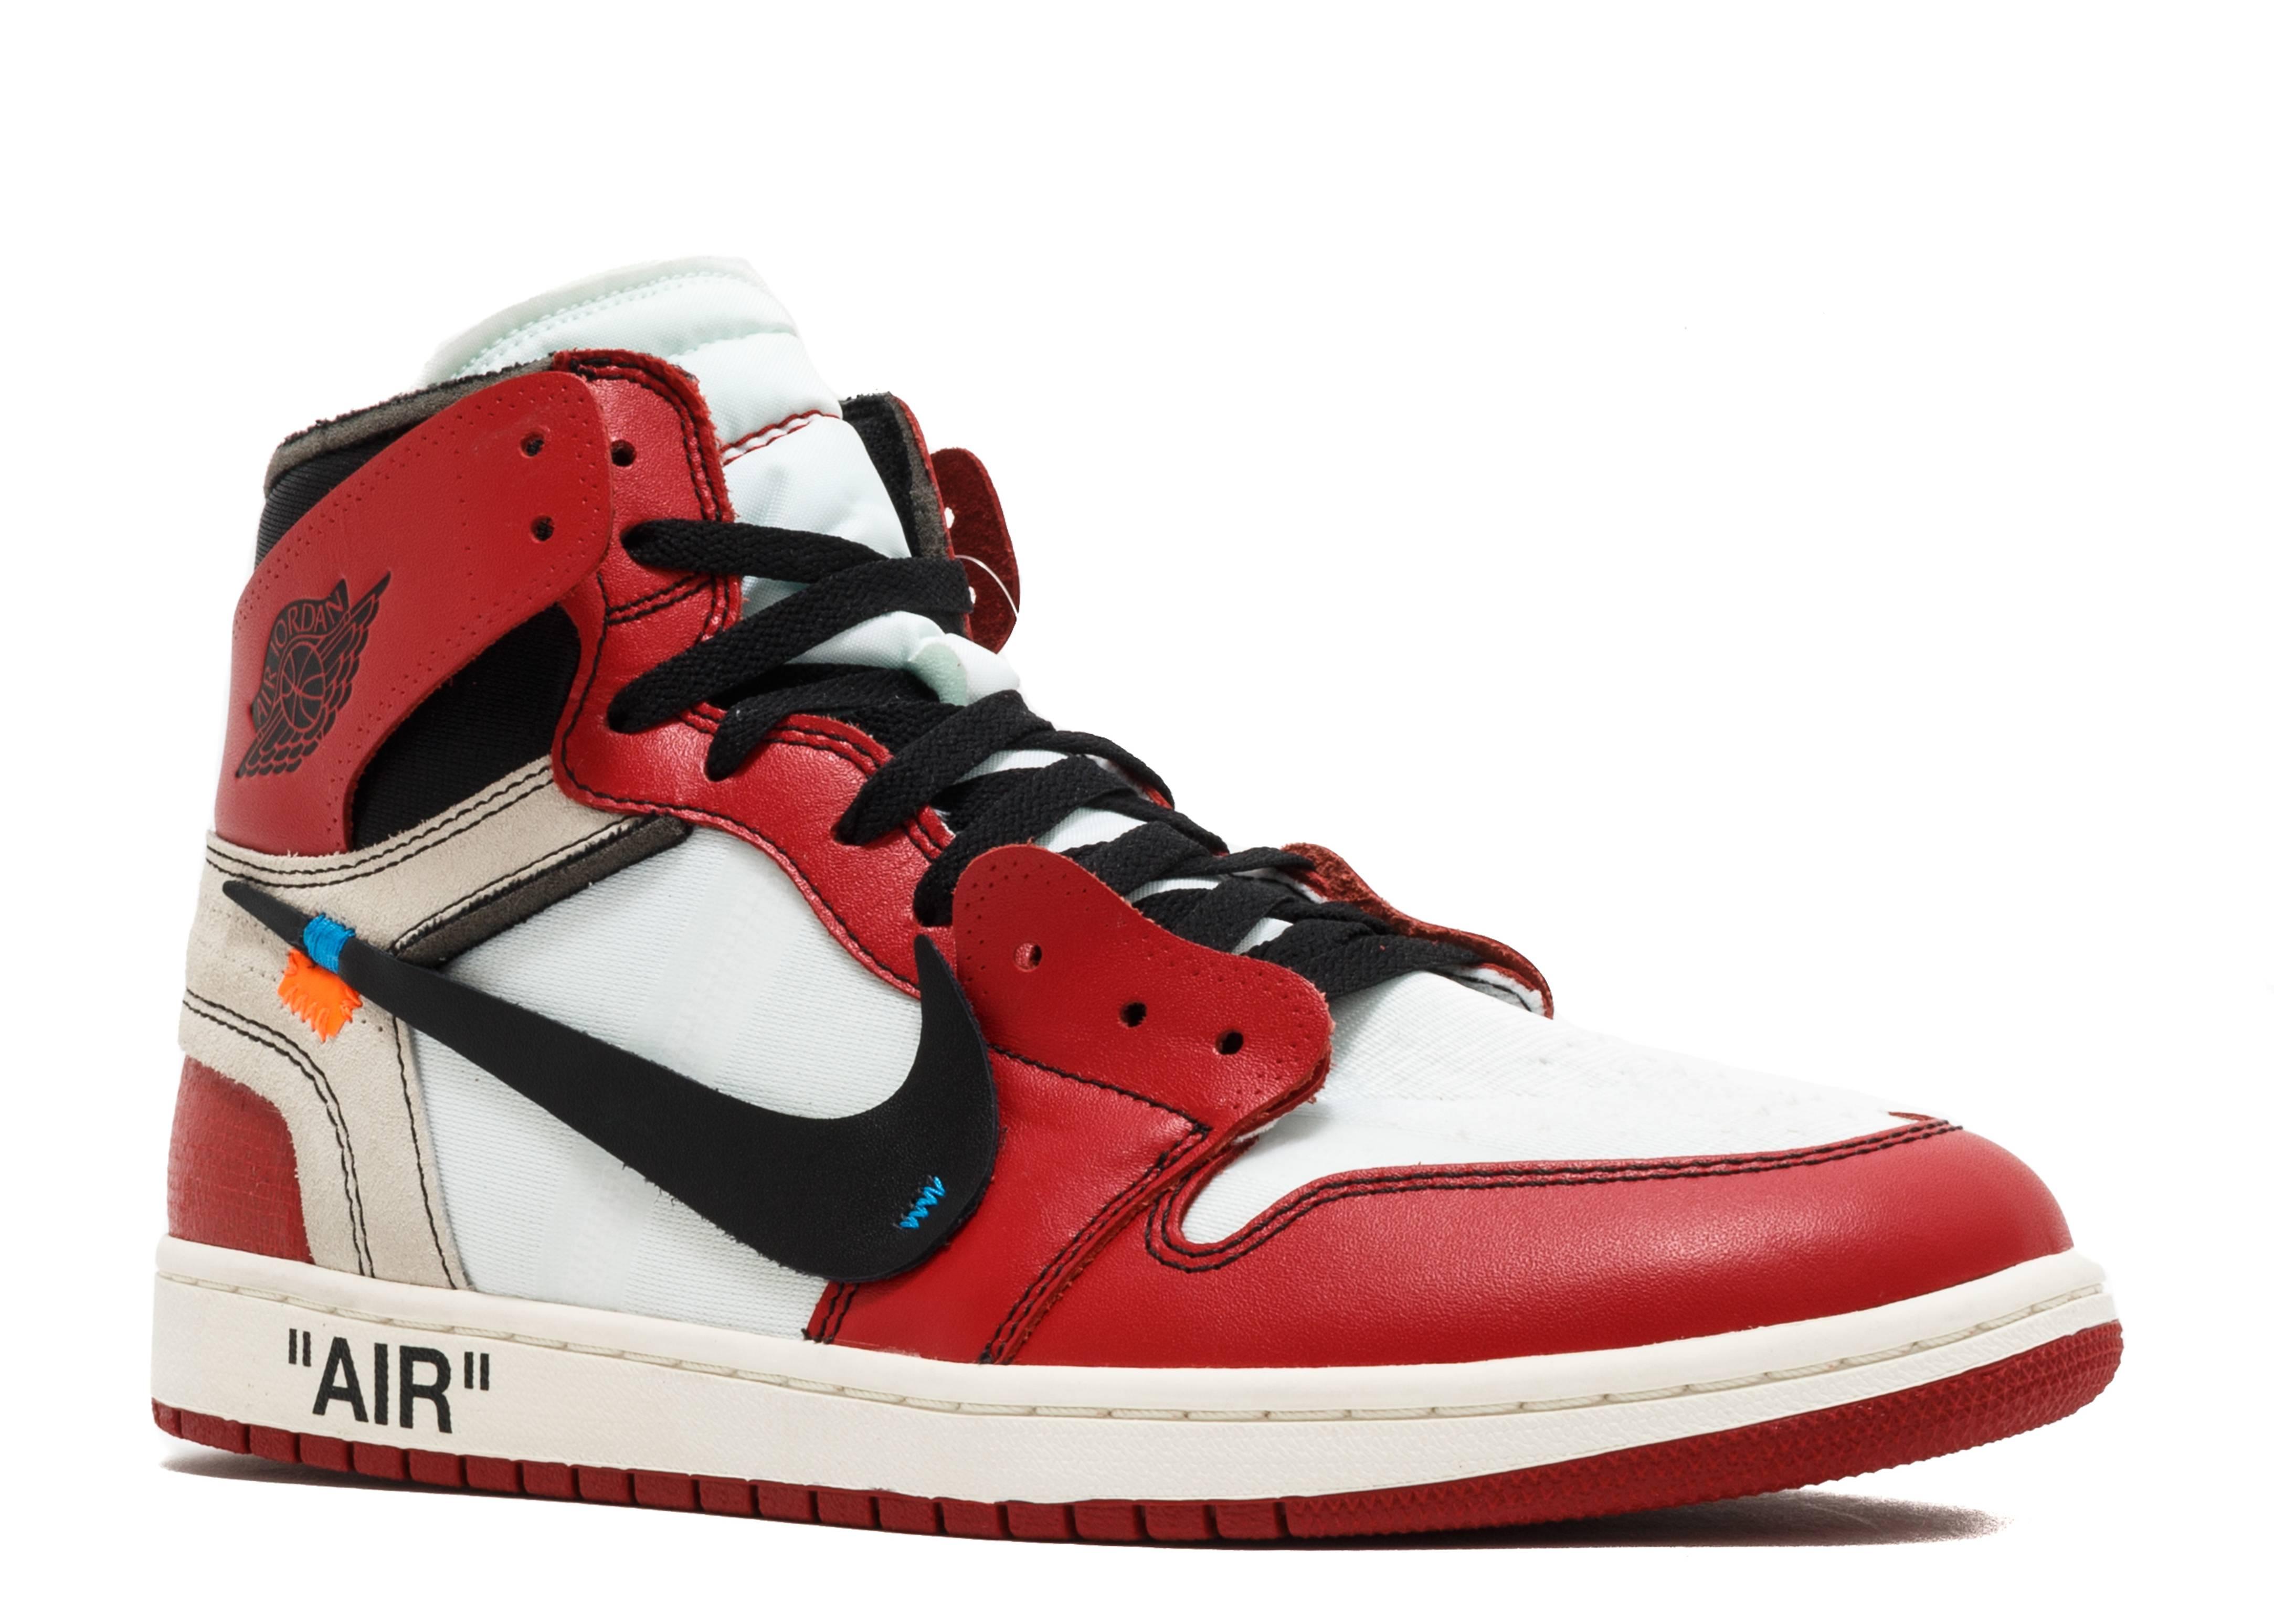 b649e3861cb4e0 Jordan 1 Retro High Off-White Chicago - 1